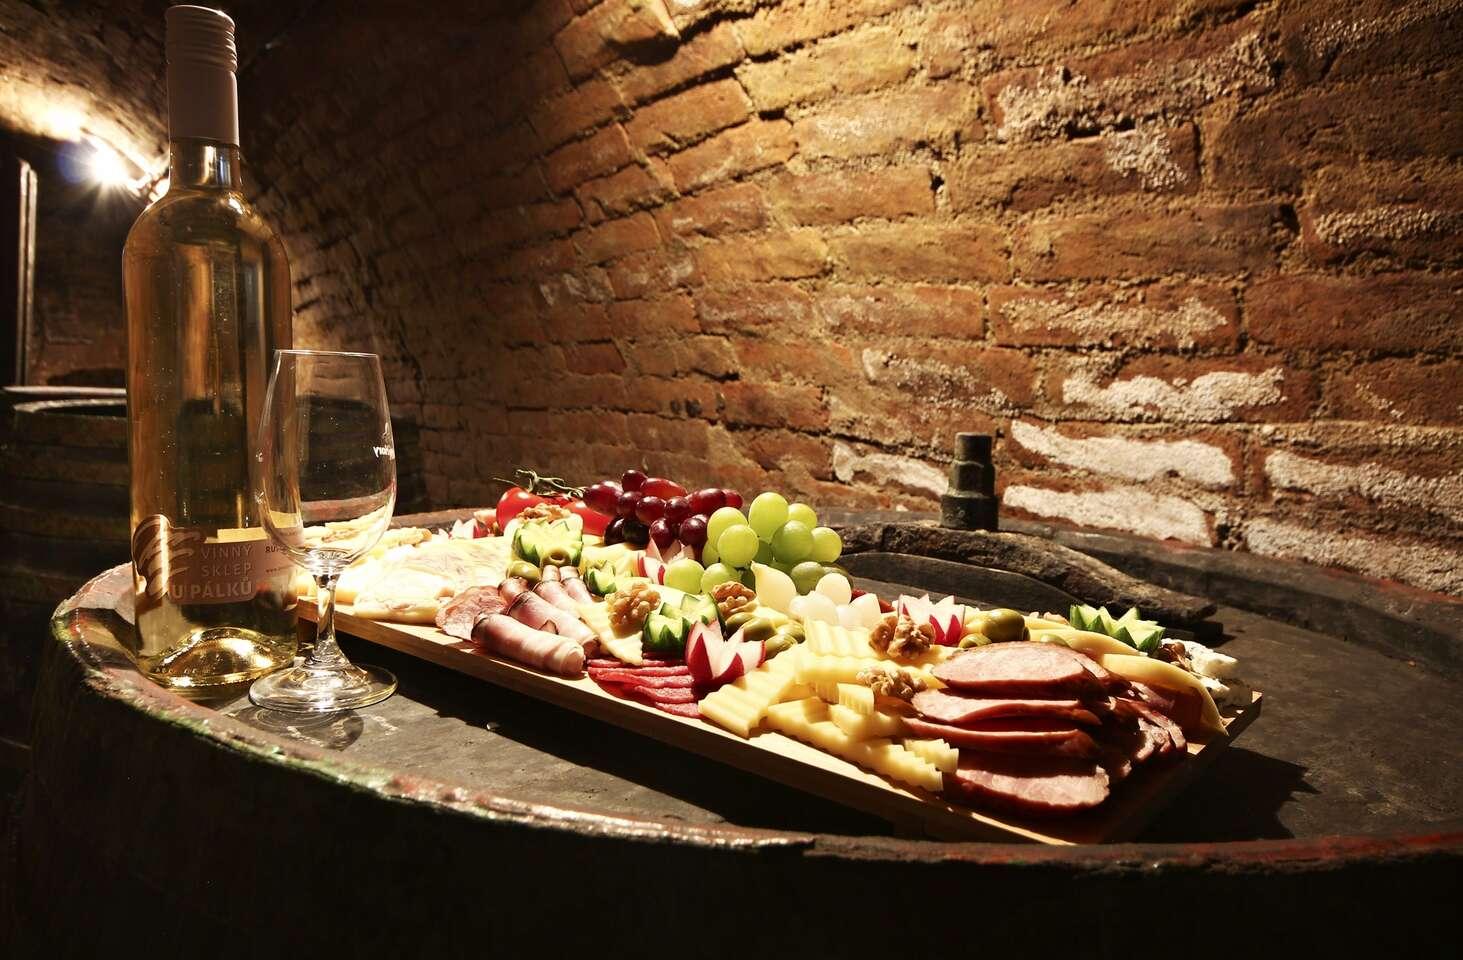 Vinařský pobyt ve všední dny na jižní Moravě v penzionu U Palečků s vinným sklepem a neomezenou konzumací vybraných vín s bohatým rautem